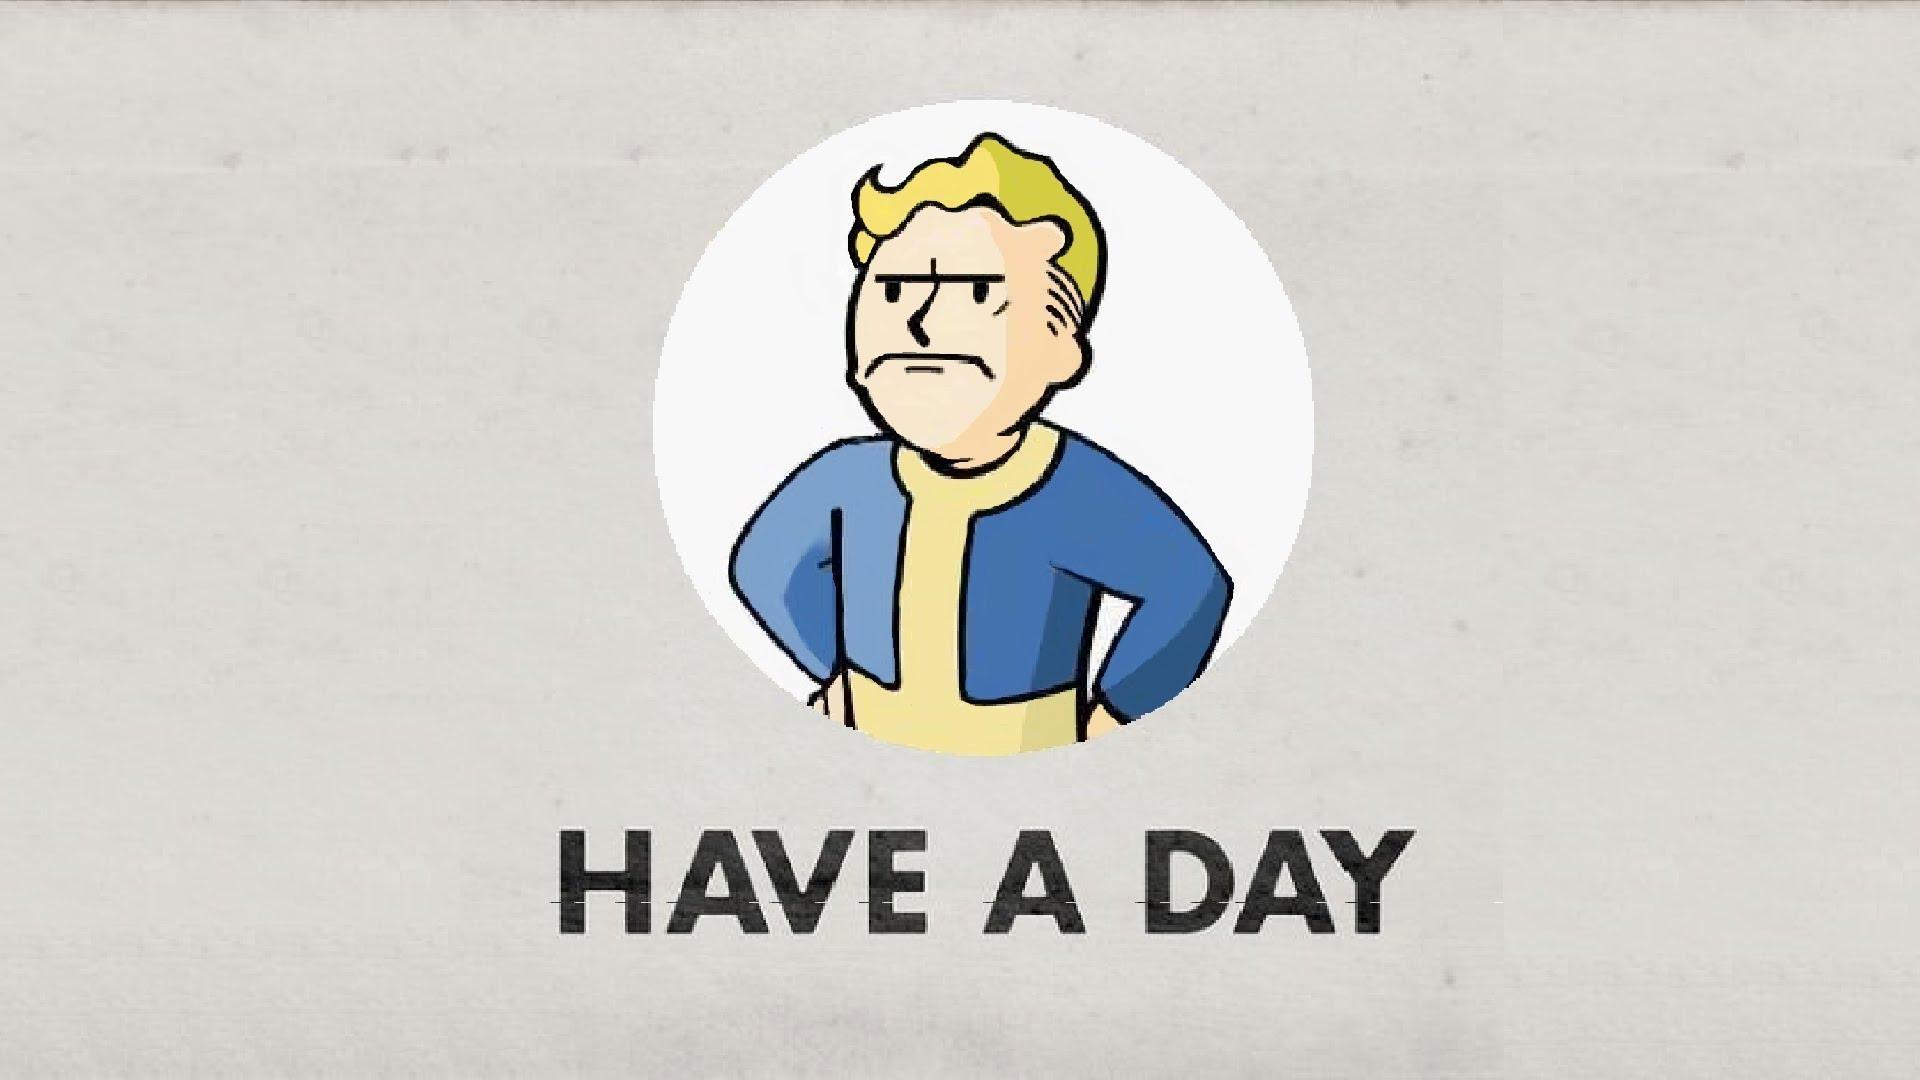 wallpaper.wiki-Fallout-Pip-Boy-Backgrounds-Desktop-PIC-